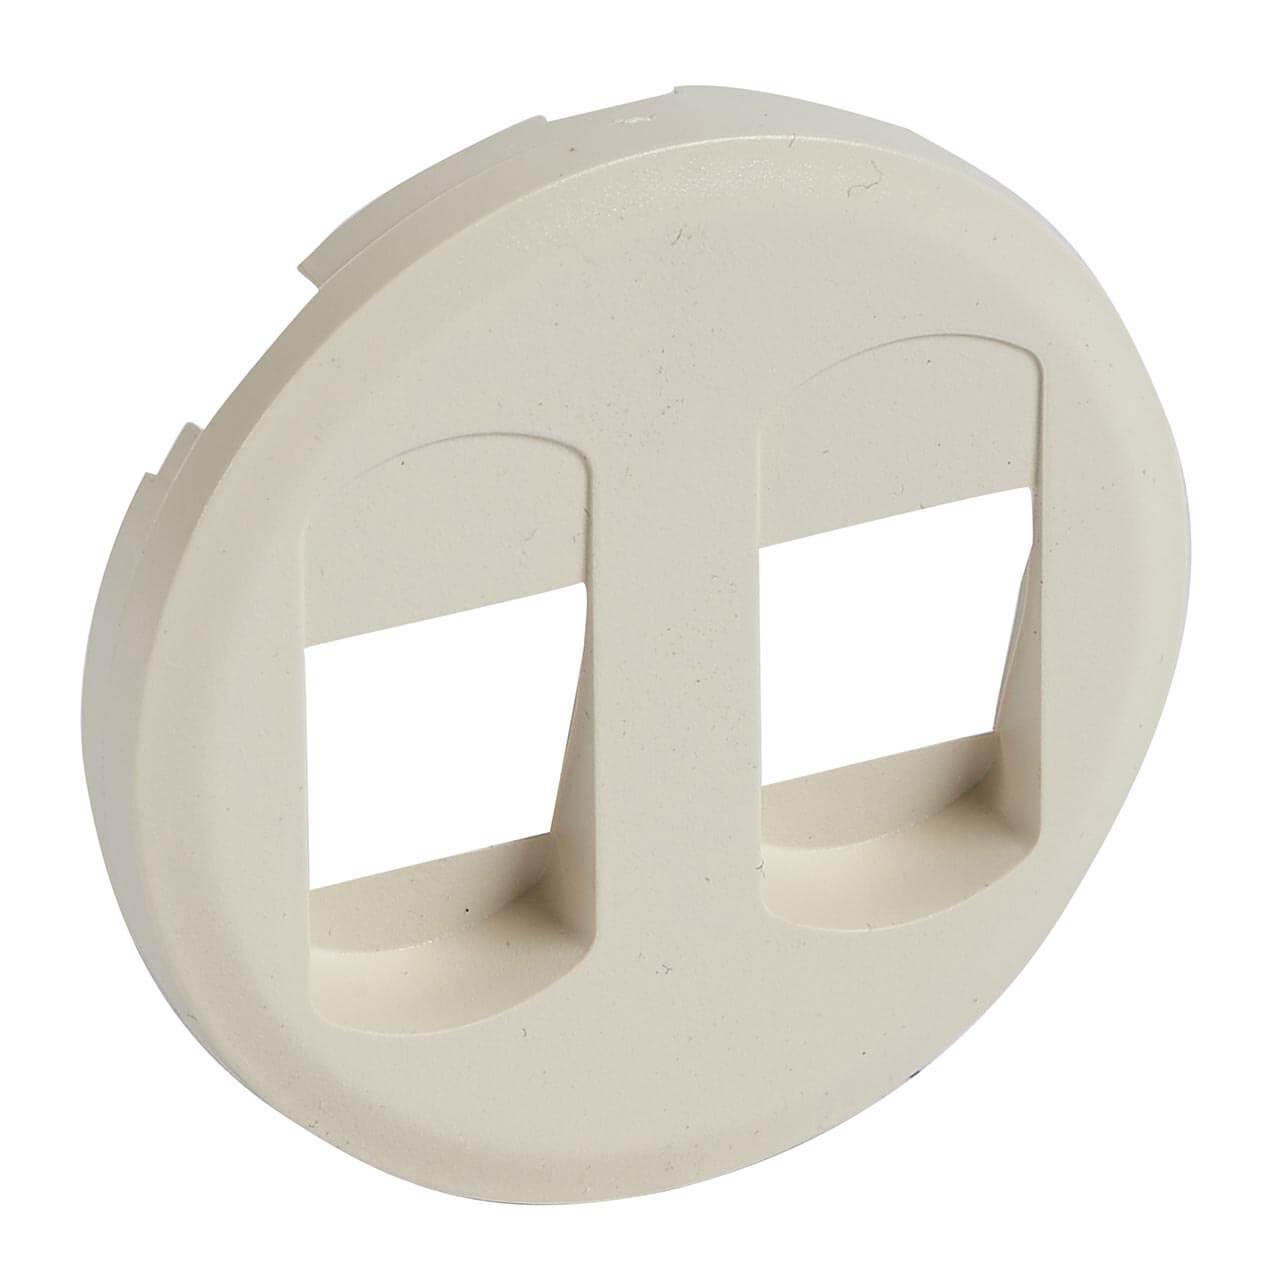 цена на Лицевая панель Legrand Celiane розетки акустической двойной слоновая кость 066241